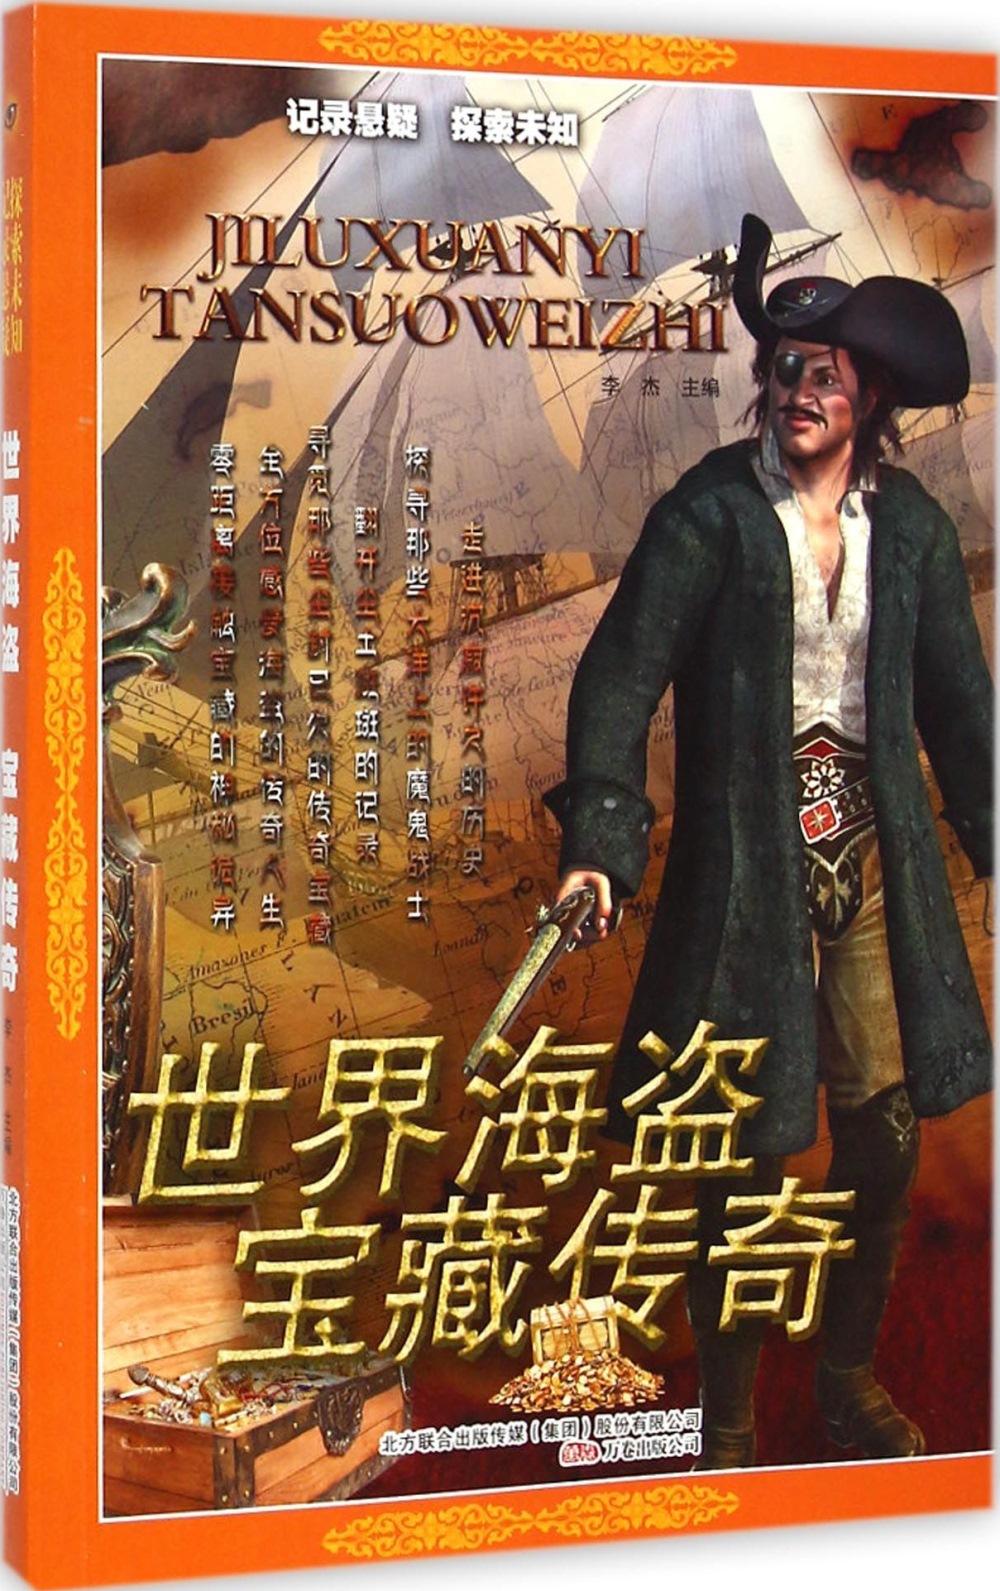 記錄懸疑·探索未知:世界海盜 寶藏傳奇